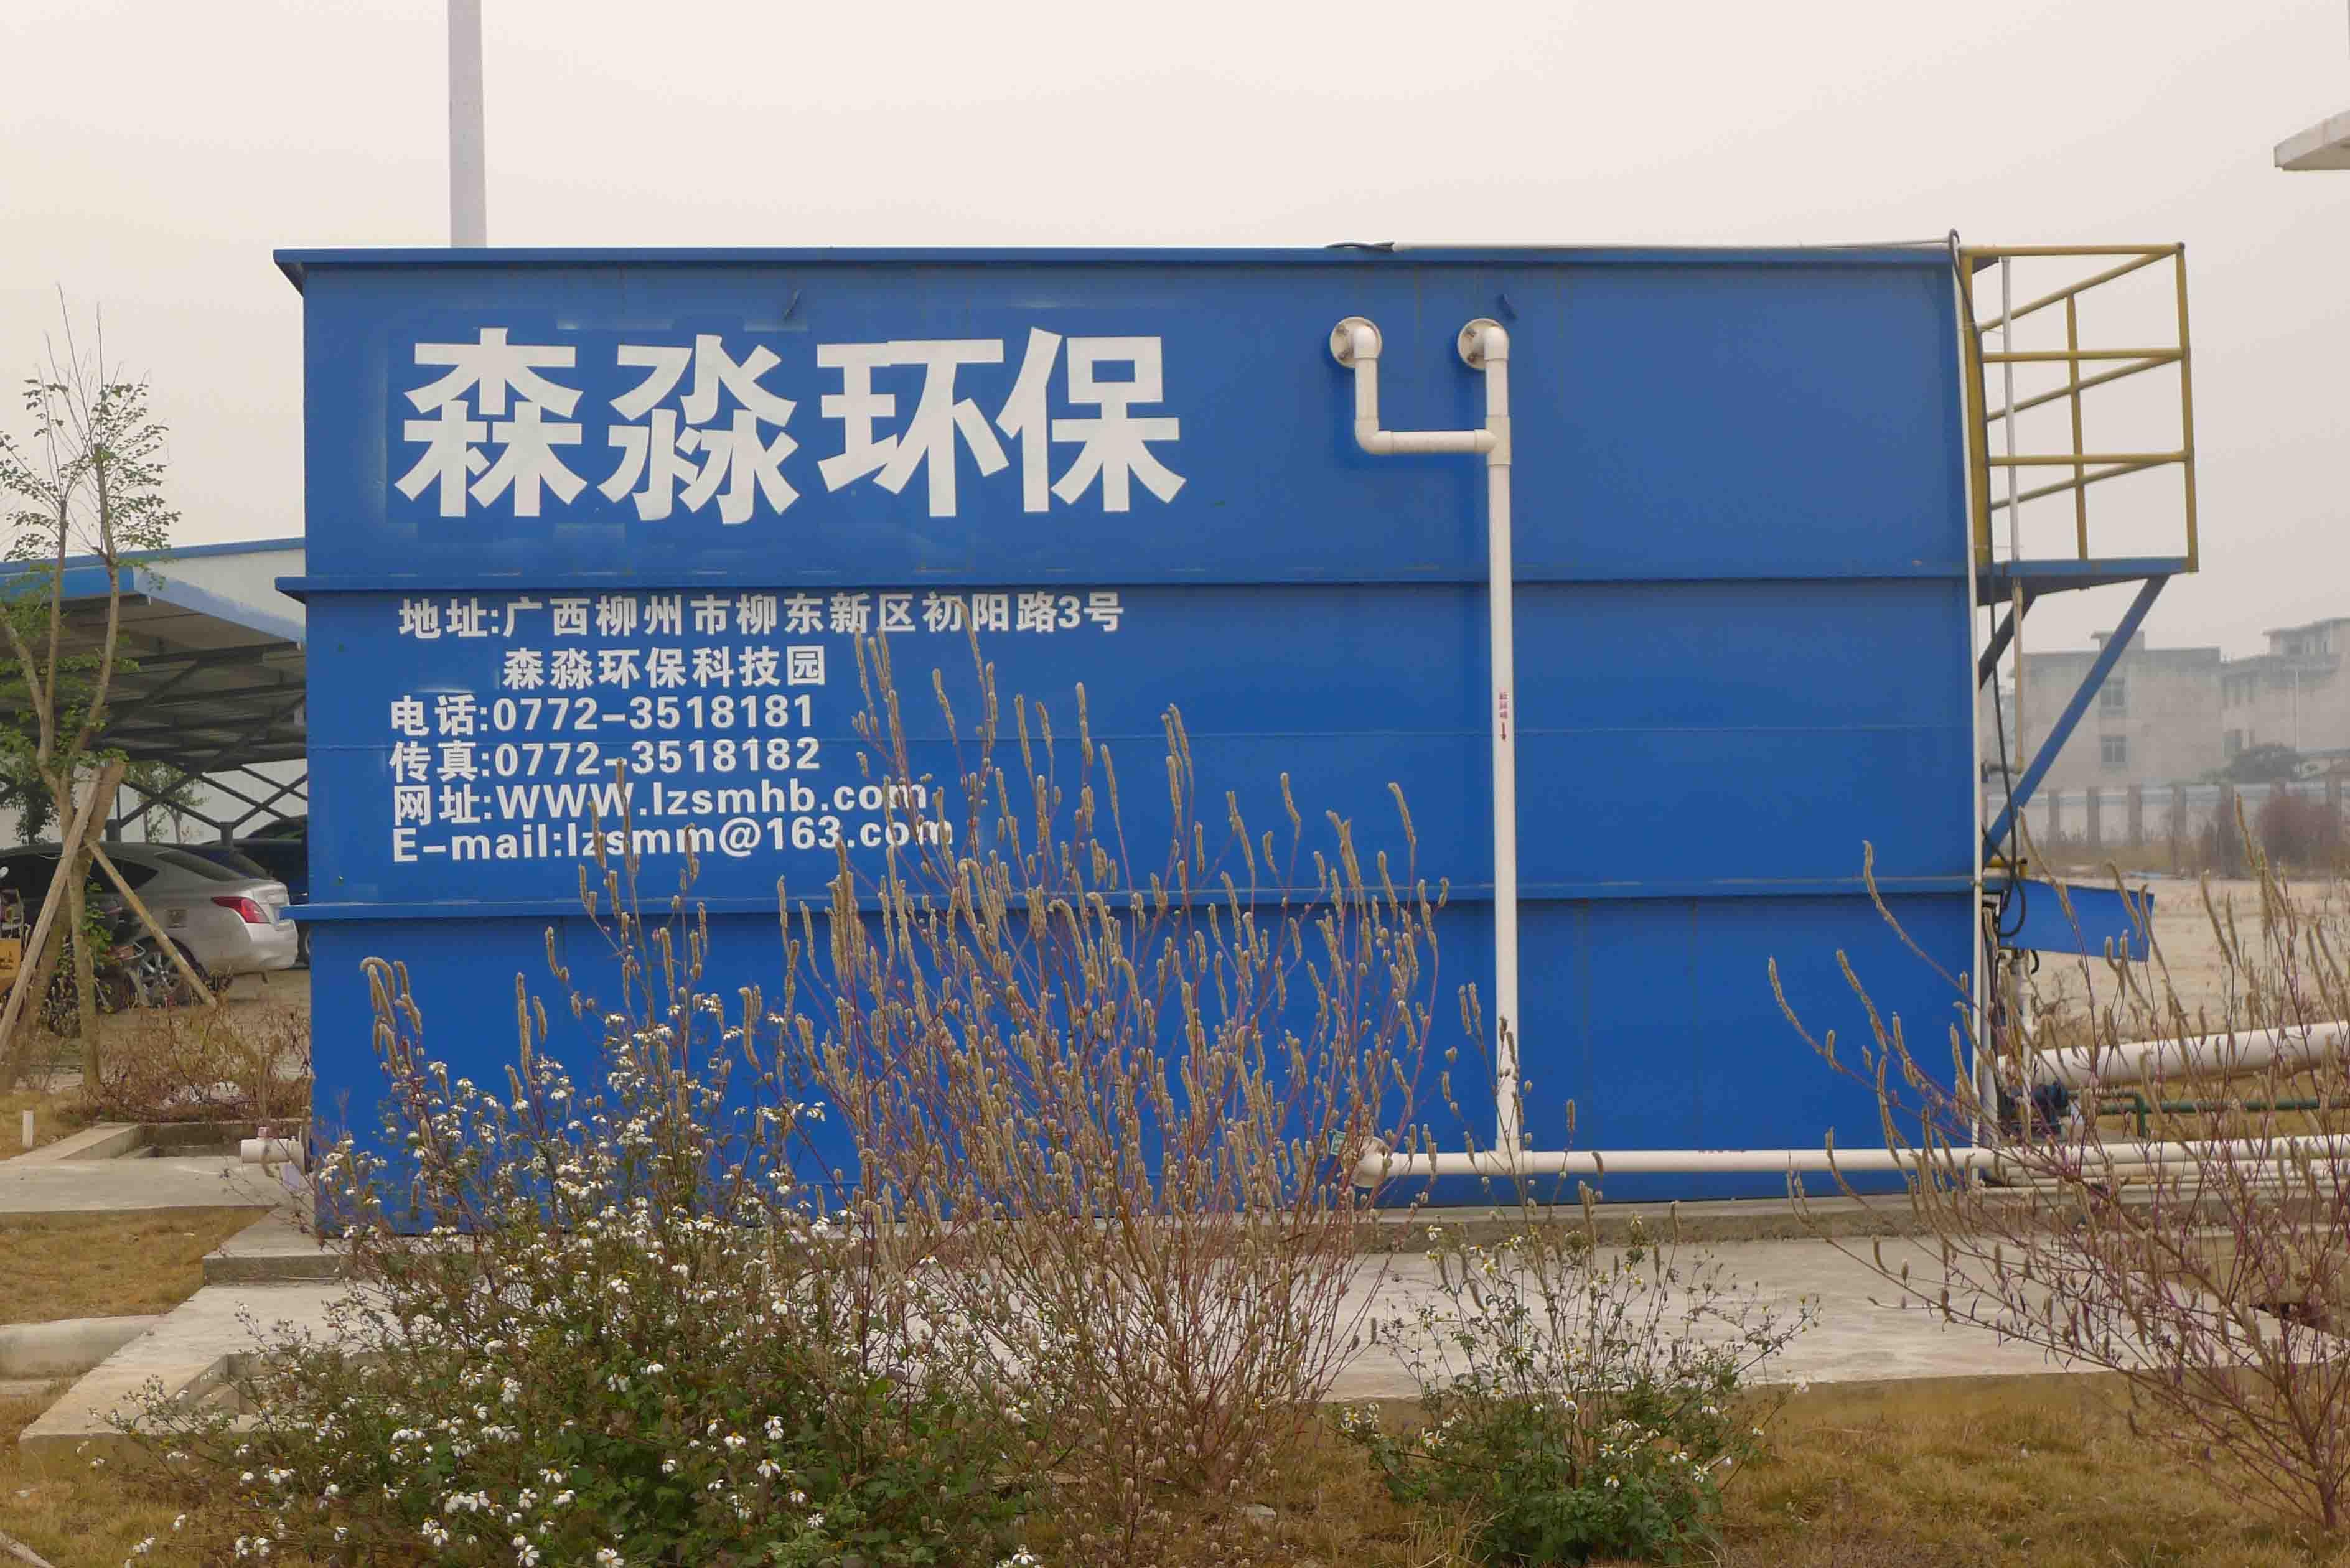 柳州市阳和港口码头污水处理工程|工程案例-广西森淼环保科技有限公司